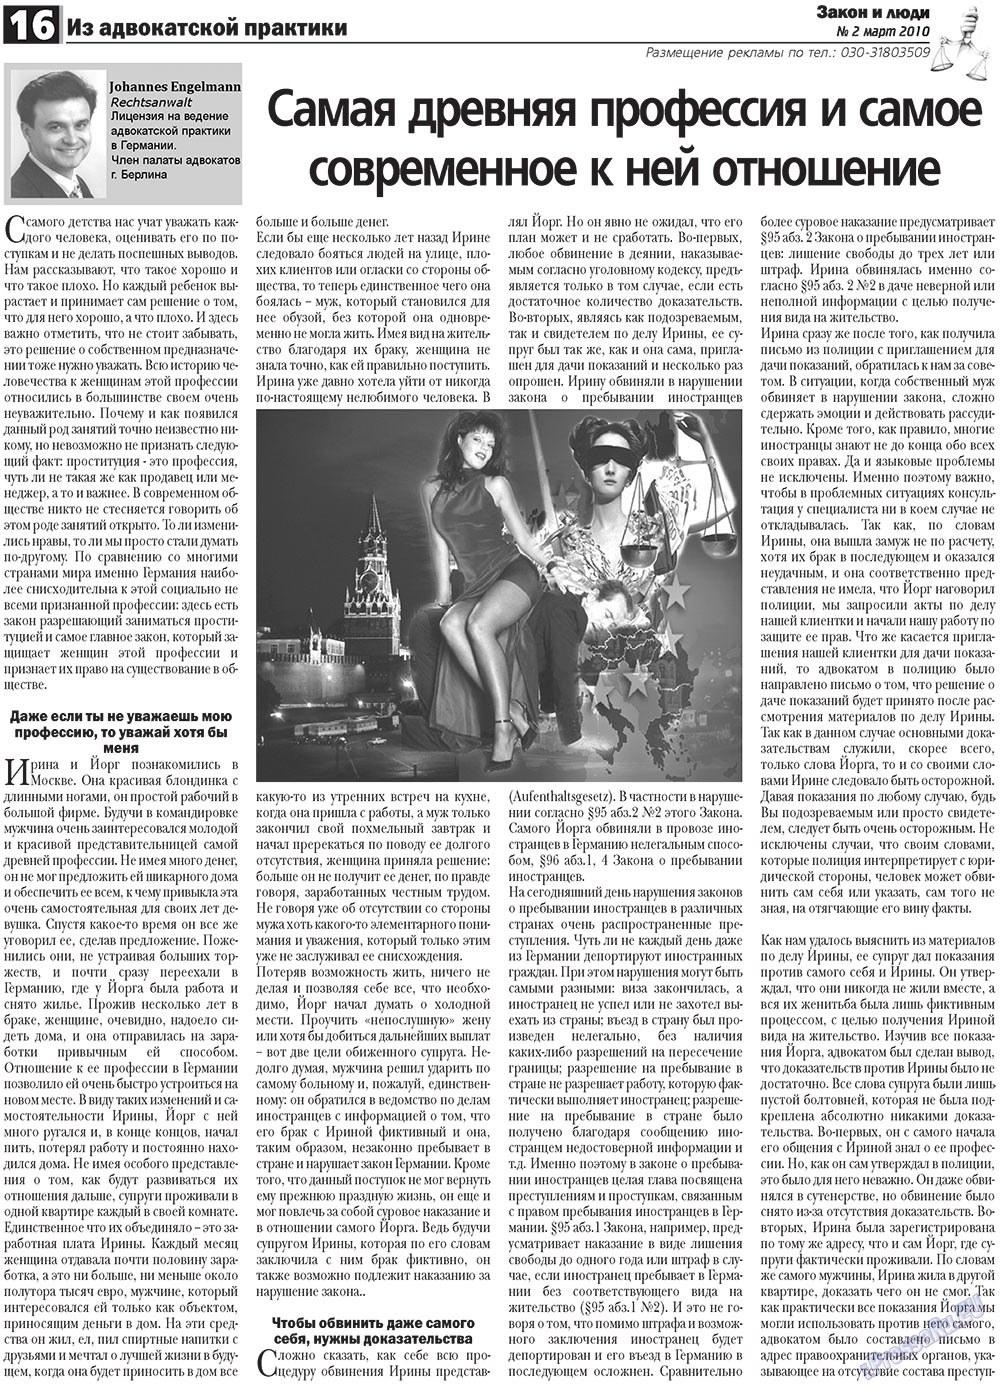 Закон и люди (газета). 2010 год, номер 2, стр. 16